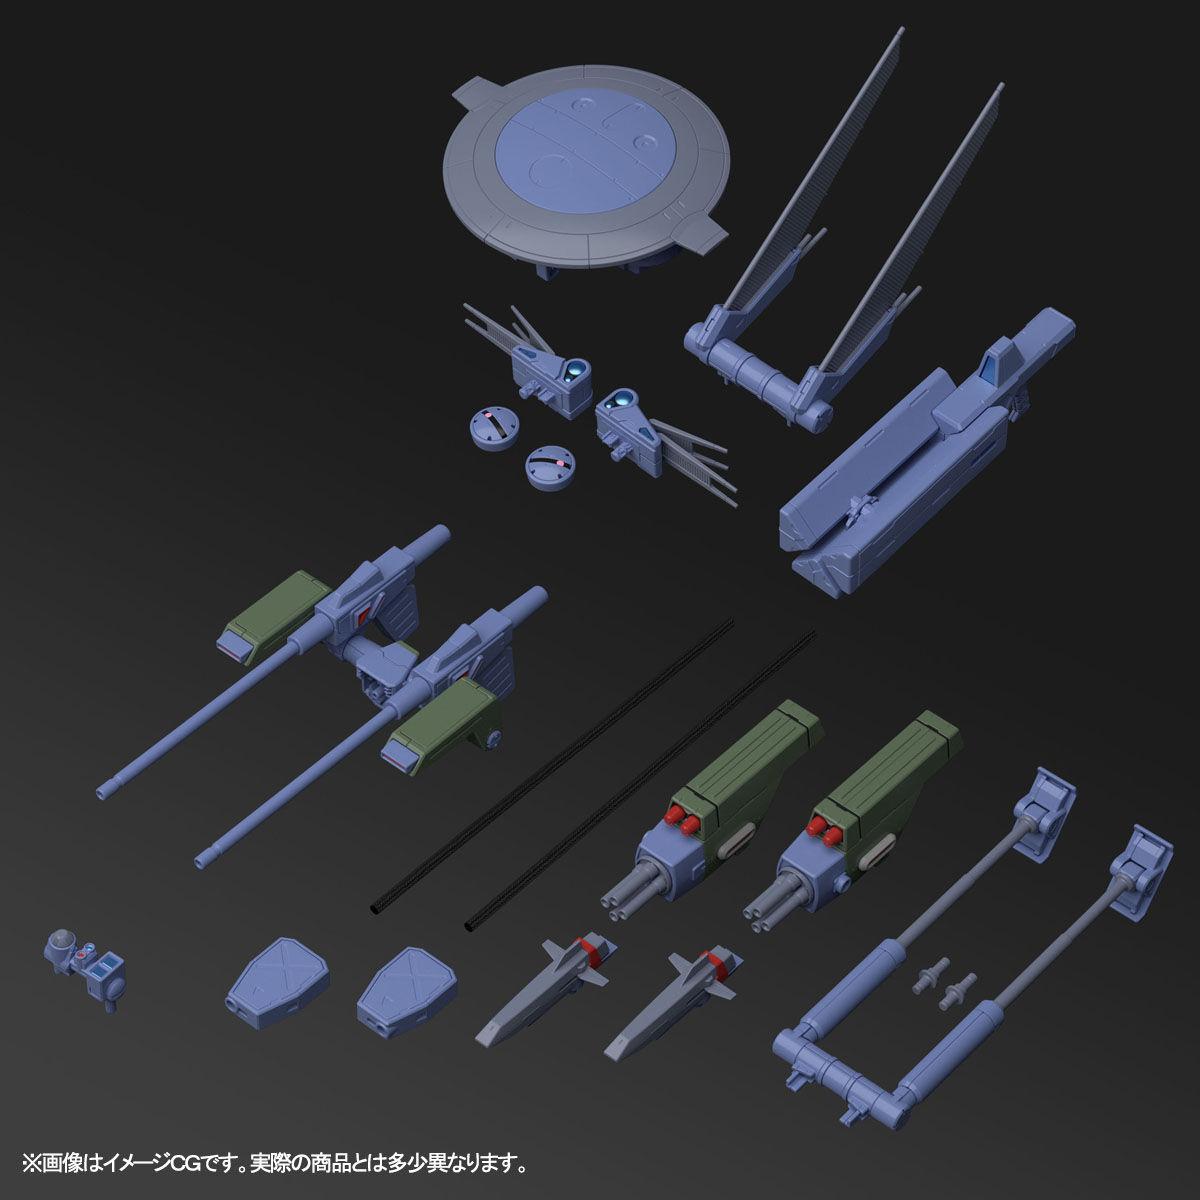 MG 1/100 ガンダムF90用 ミッションパック Eタイプ&Sタイプ 4573102580825